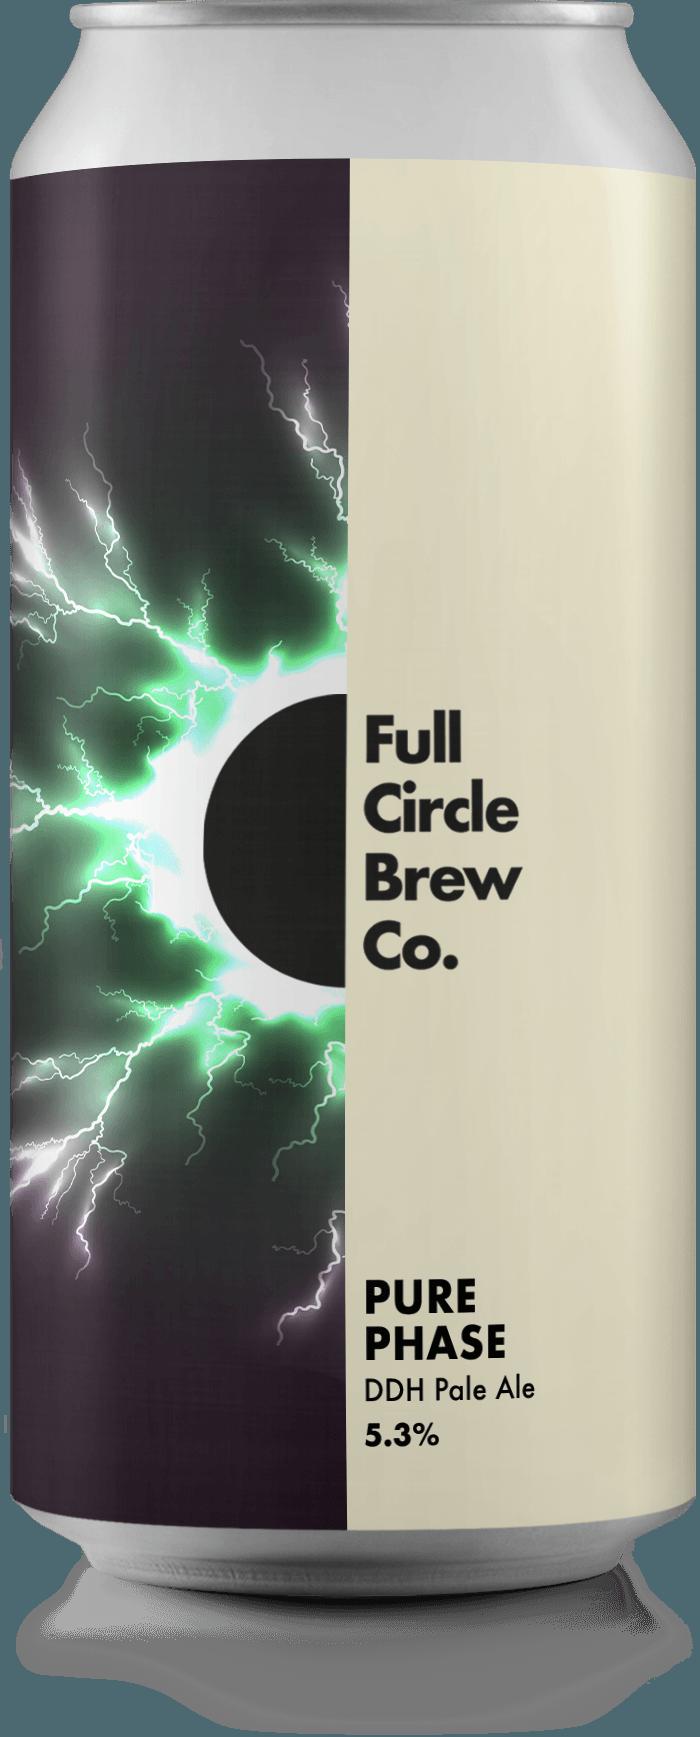 Image 0: FCBC Pure Phase DDH Pale Ale